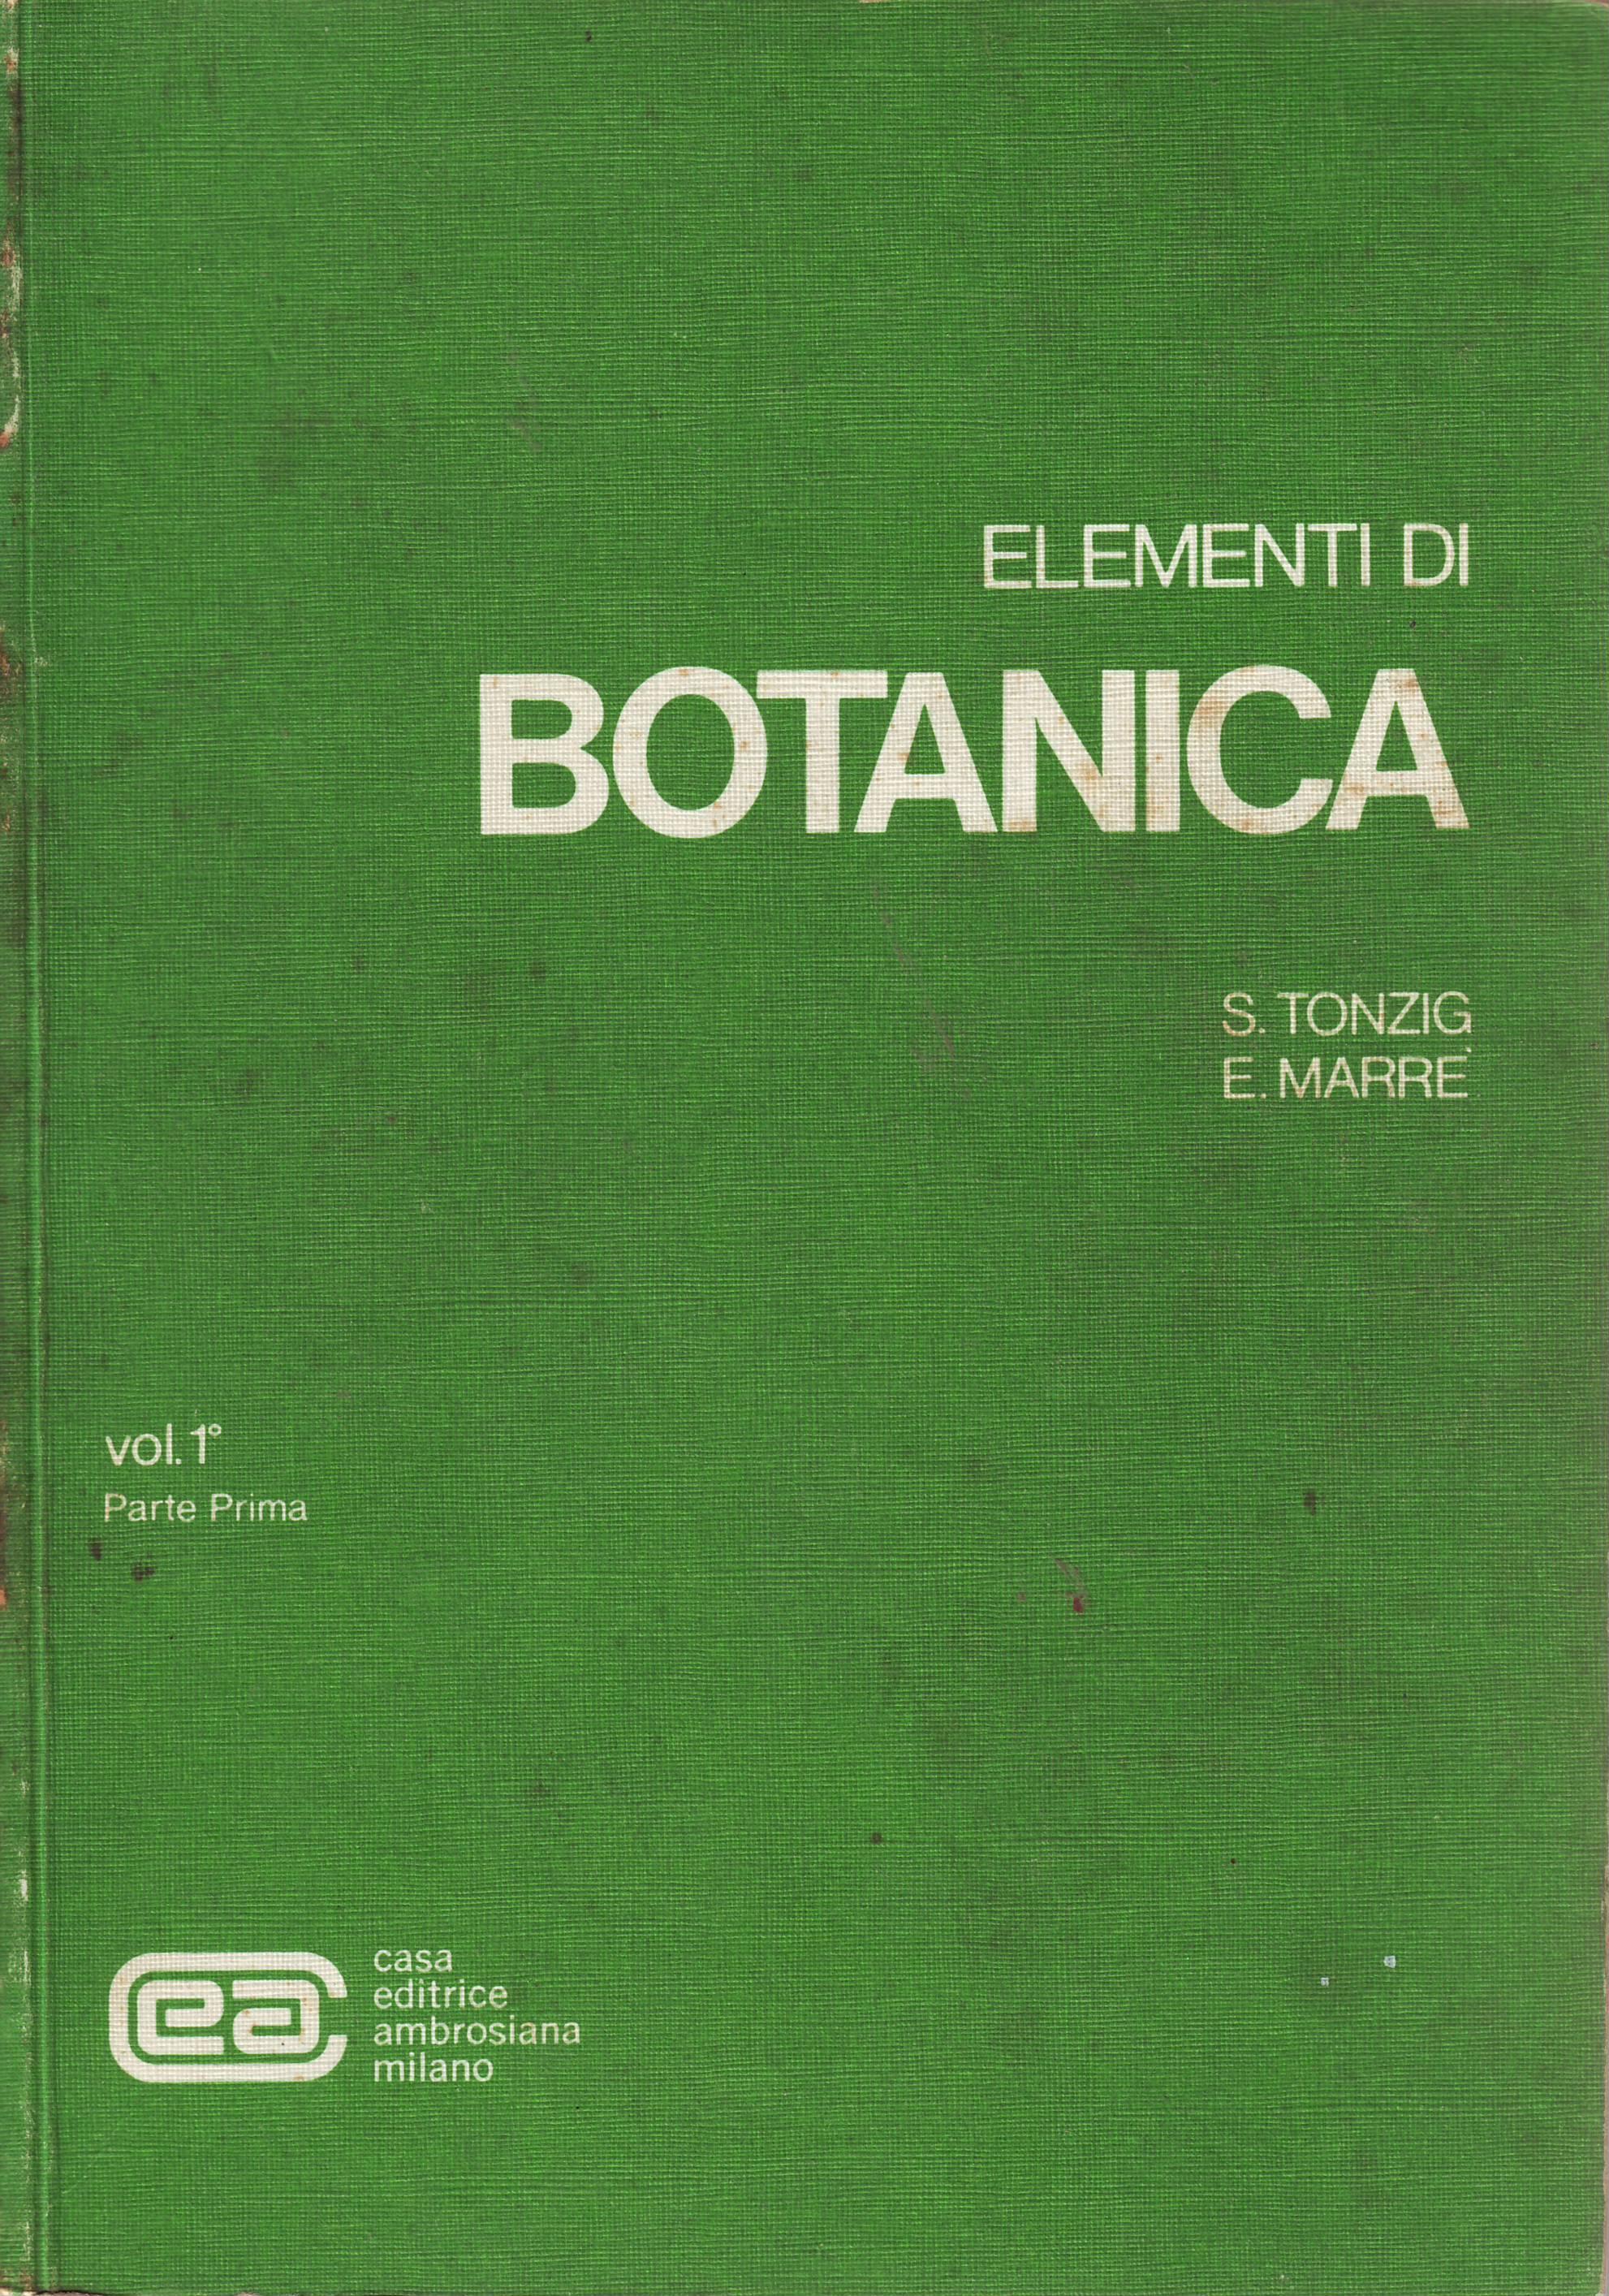 Elementi di botanica: per gli studiosi di biologia, scienze agrarie e scienze naturali - Vol. 1.1